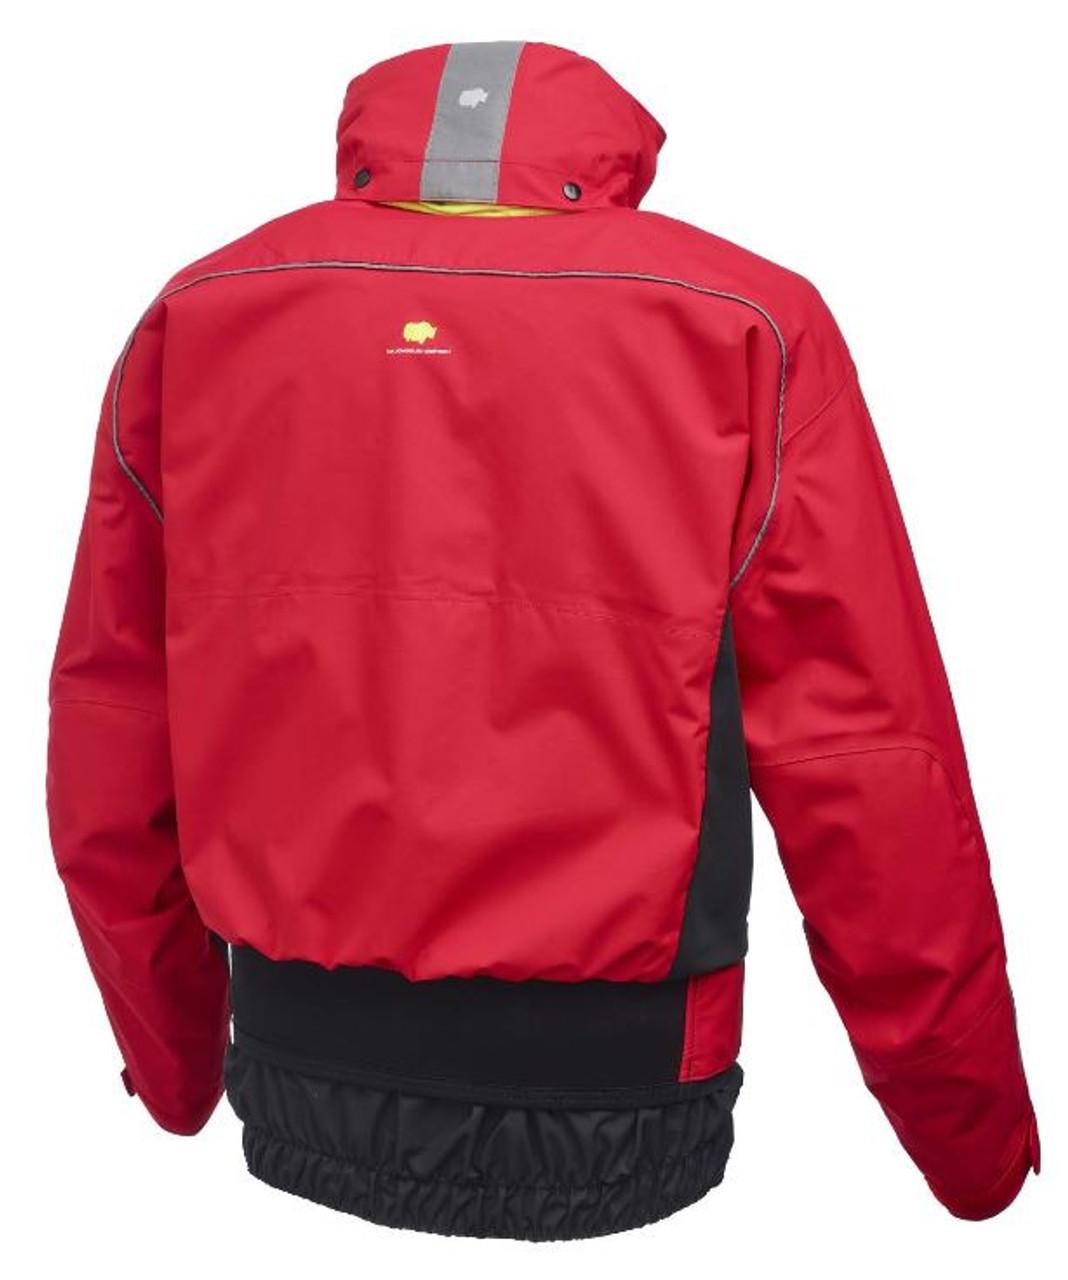 Yak Apollo kayaking jacket